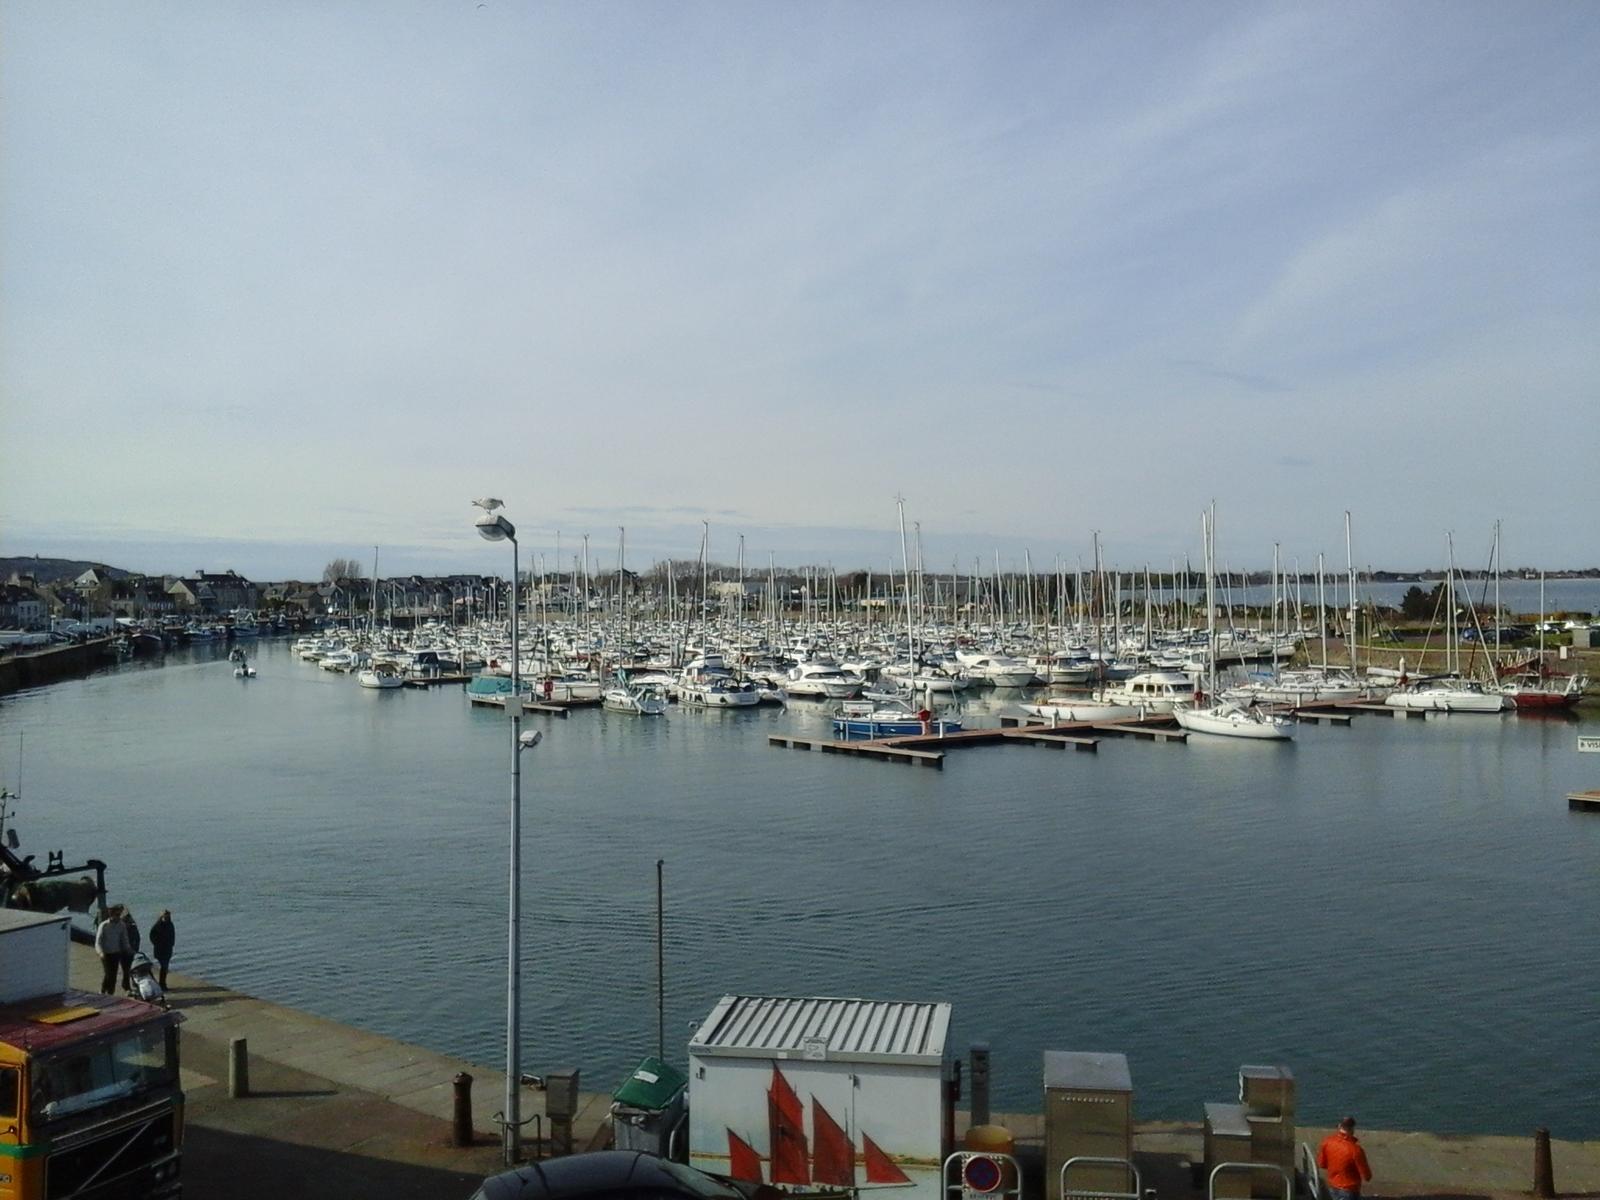 Image n°10 du gîte de mer : Vue sur le port de St-Vaast